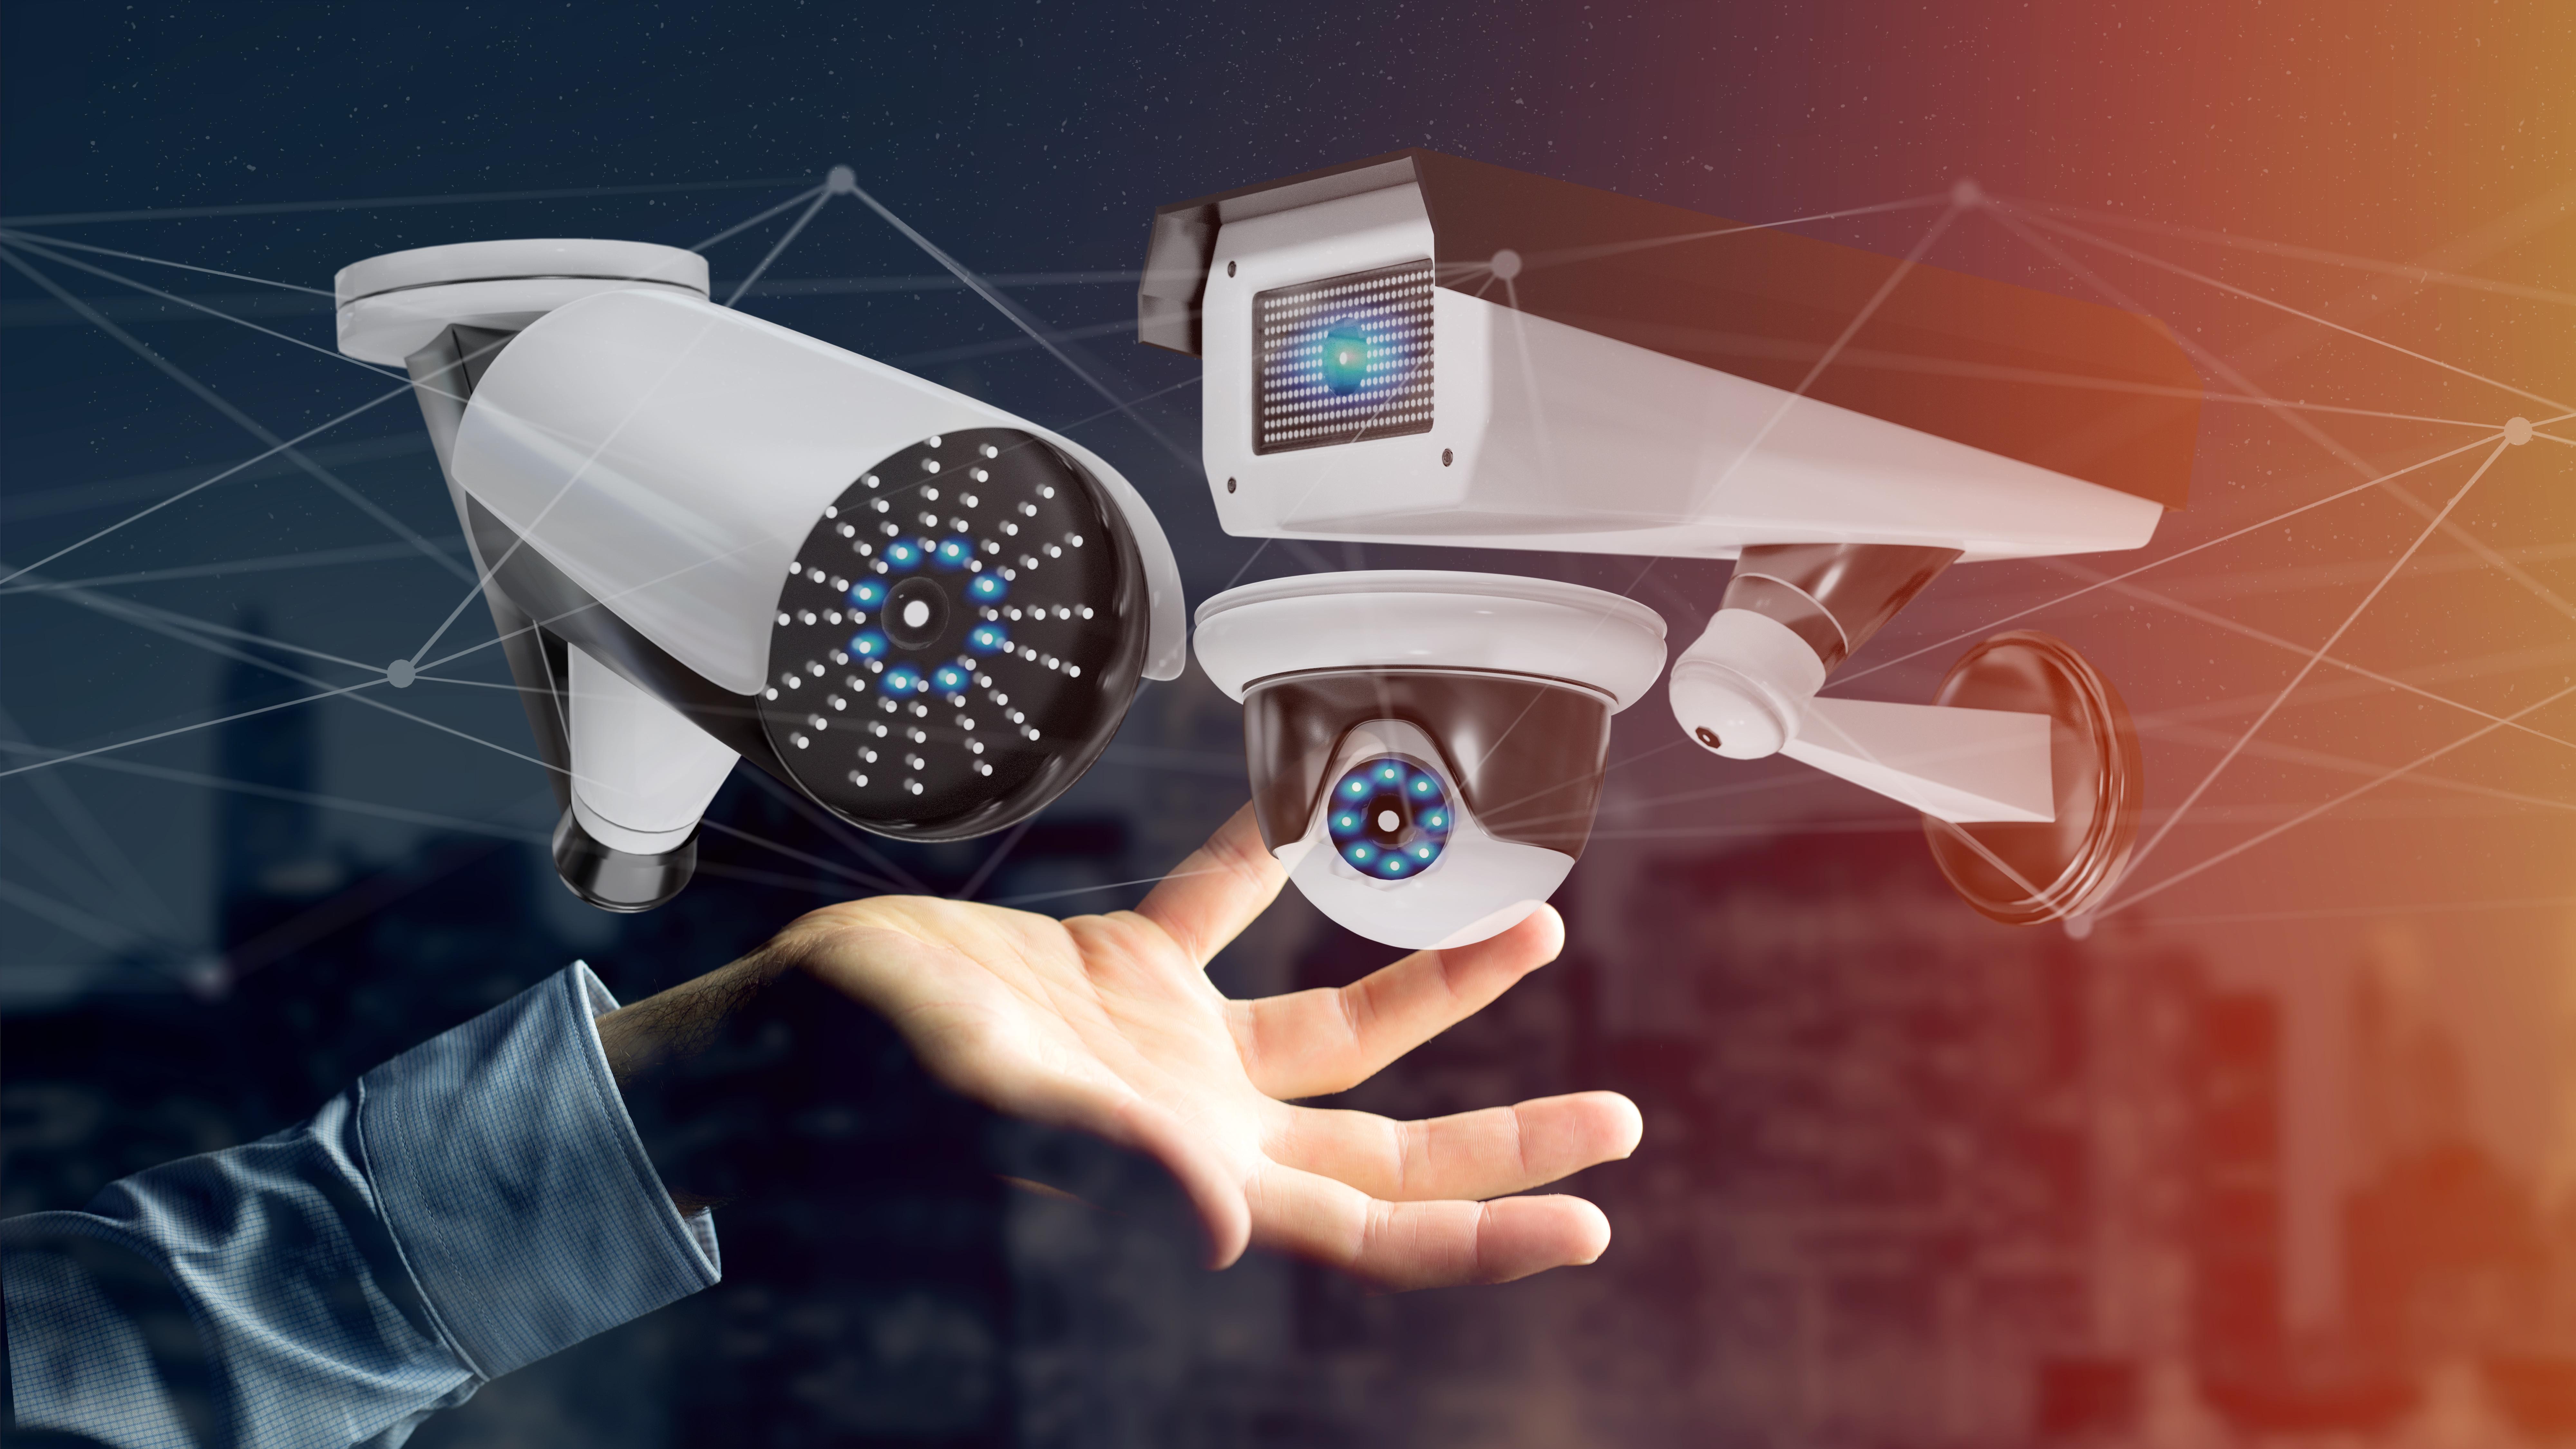 2021 trends in video surveillance